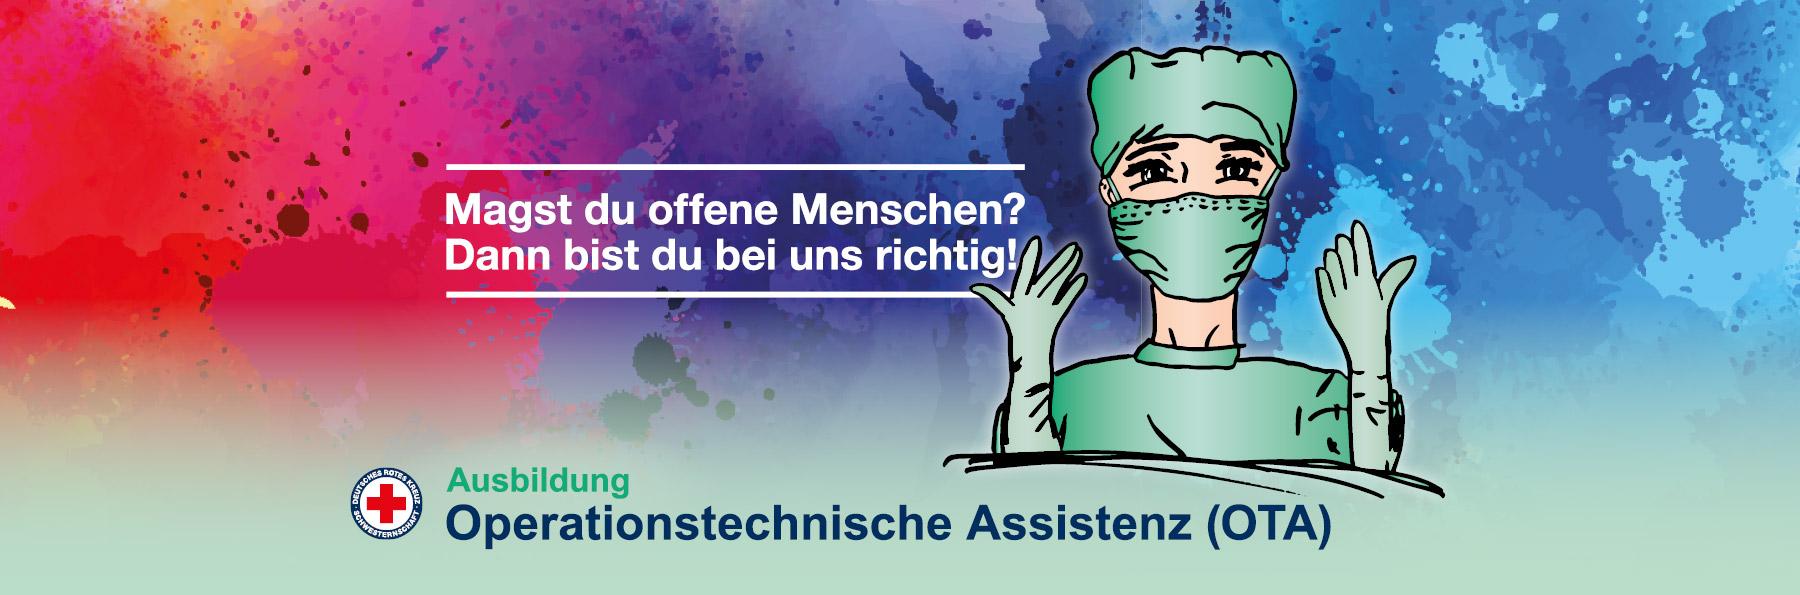 Ausbildung Operationstechnische Assistenz (OTA)